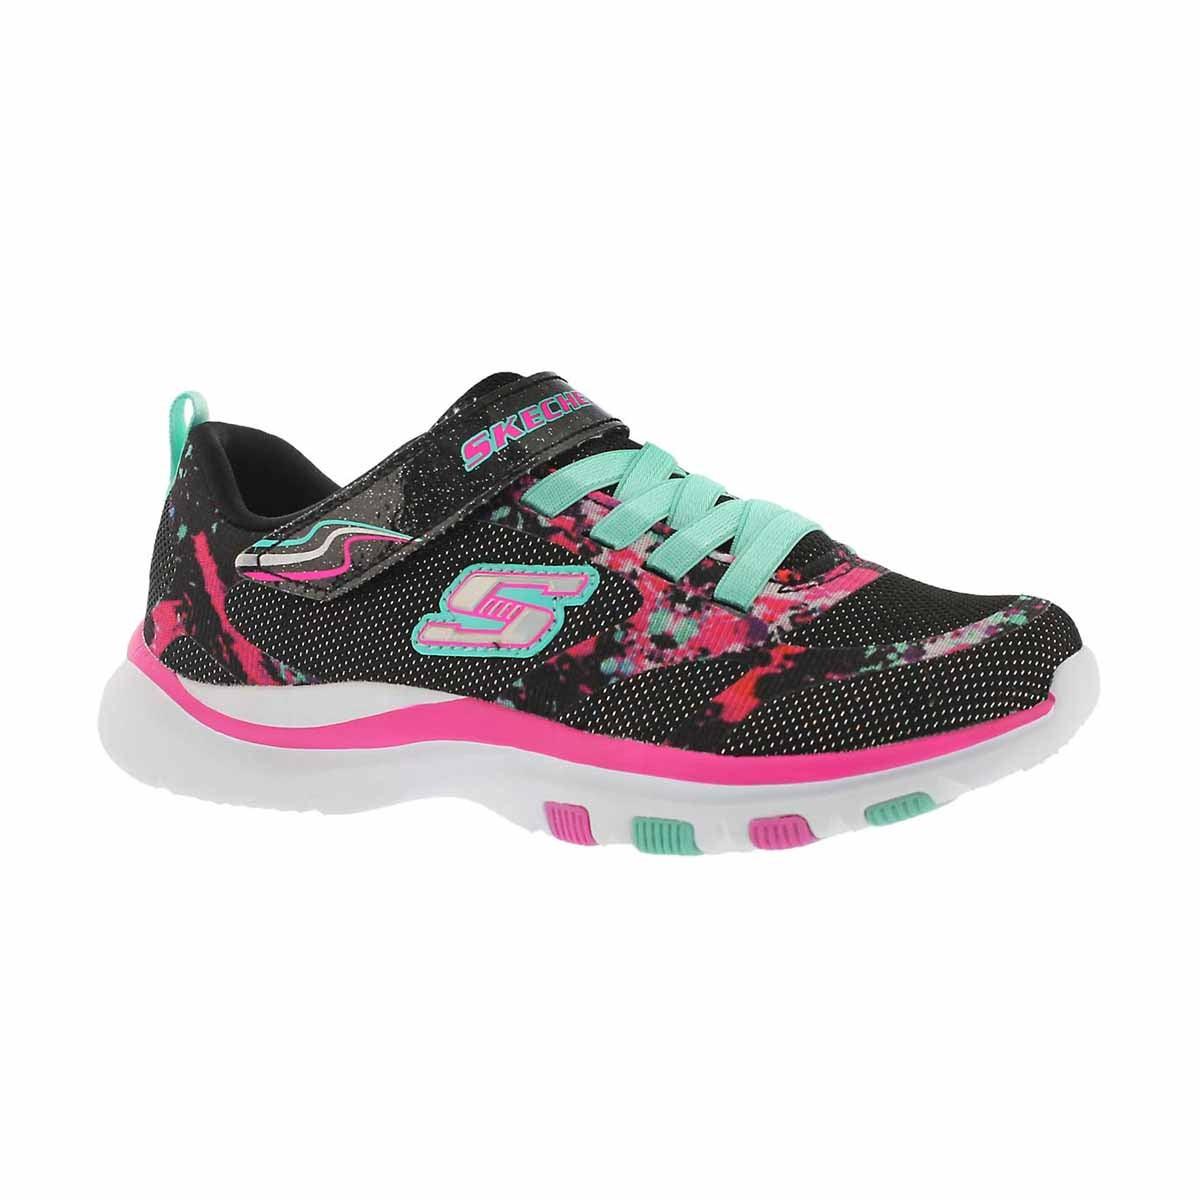 Girls' TRAINER LITE, black/multi sneaker